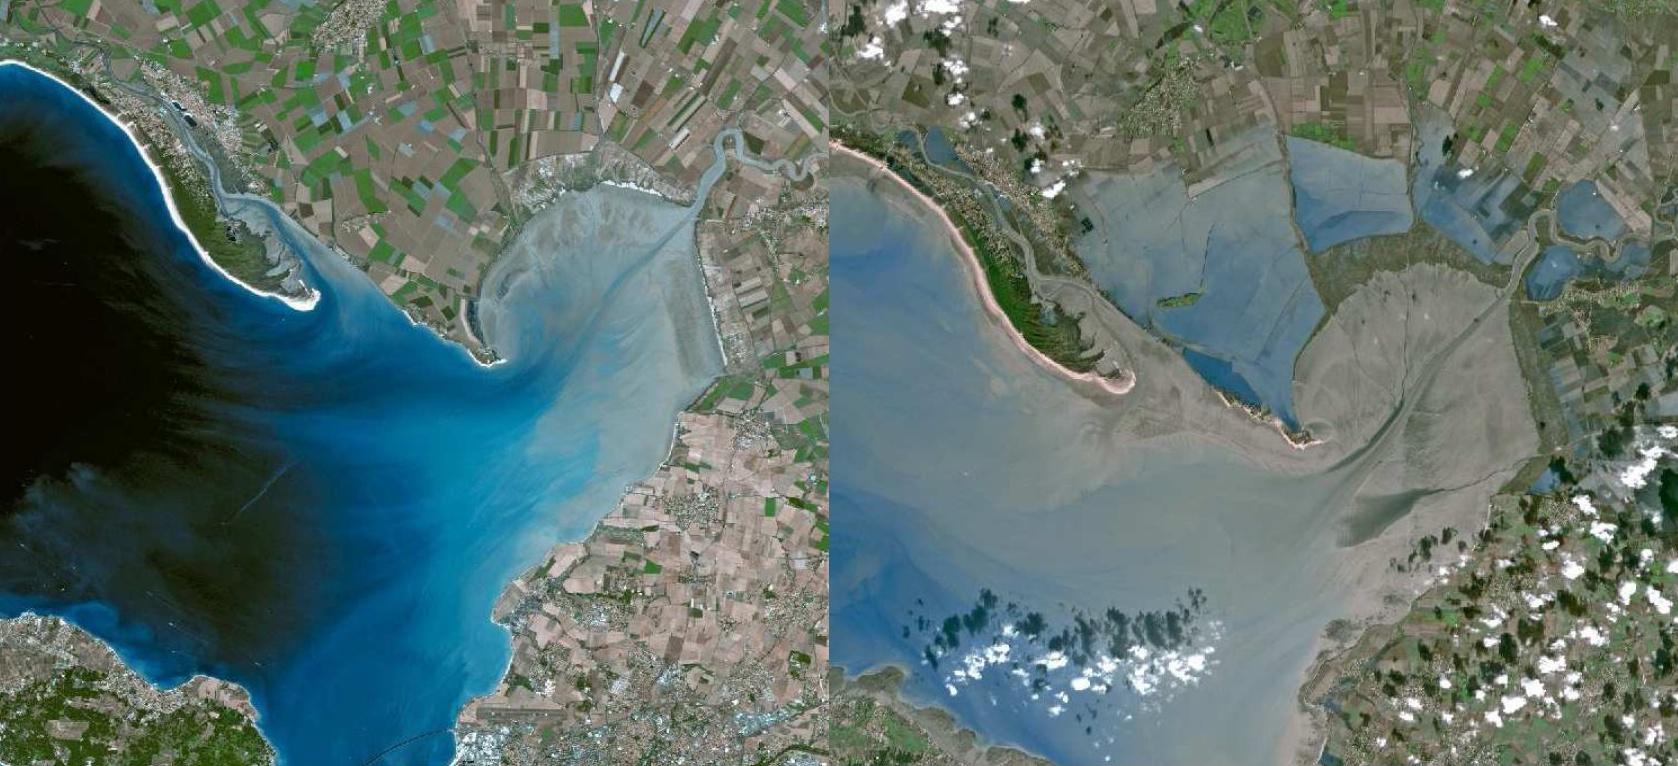 Tempête Xynthia - Anse de l'Aiguillon - La Tranche - Images satellite - SPOT 4 - Avant -Après- GMES - Copernicus - Février 2010